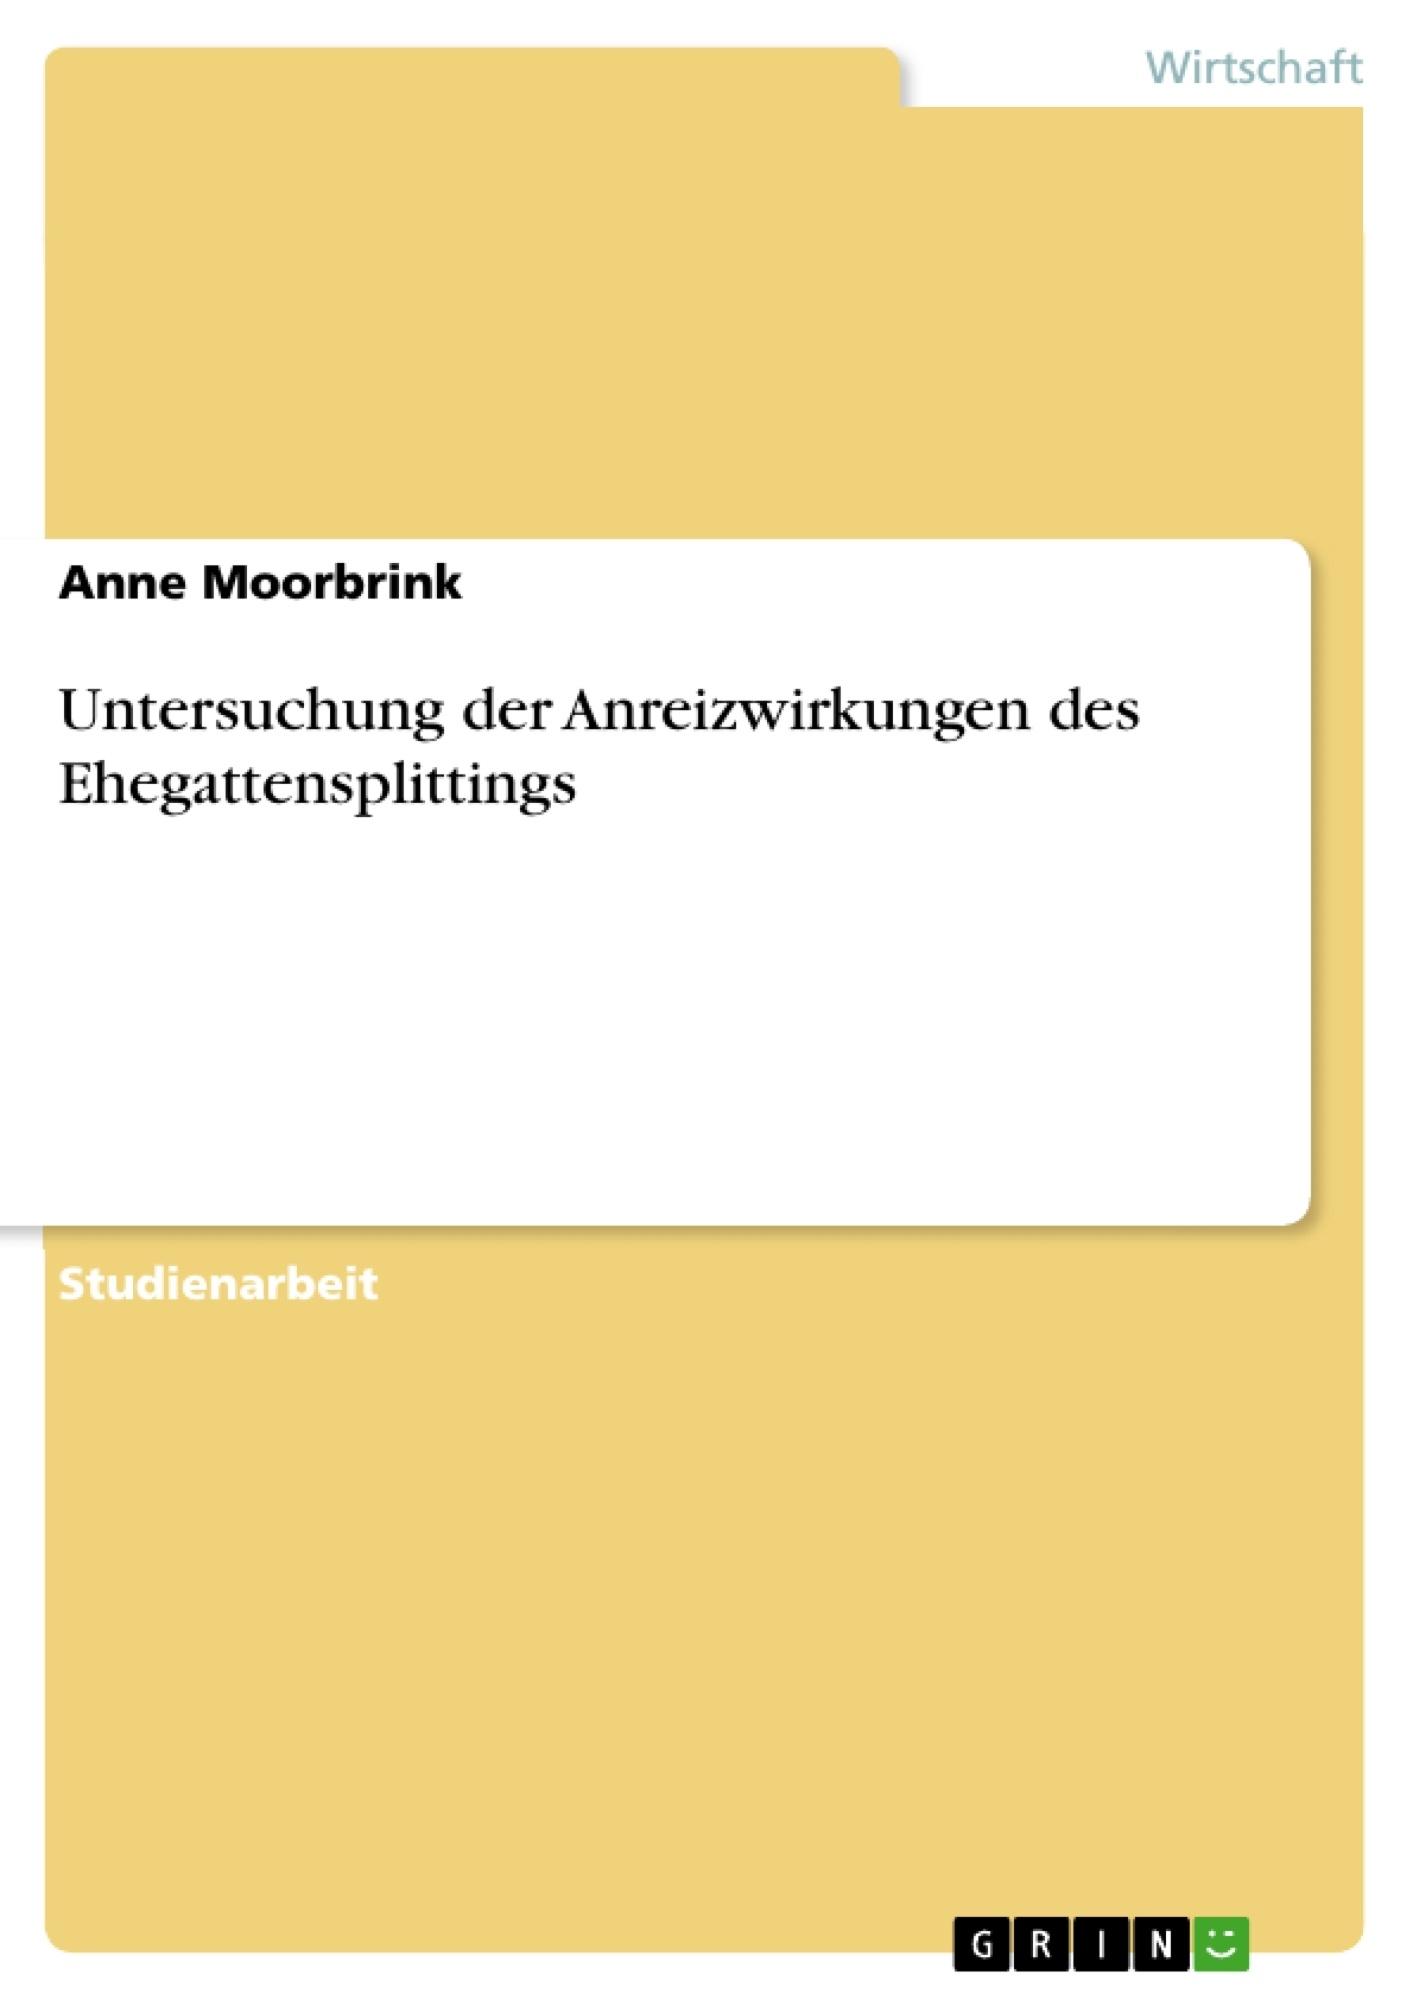 Titel: Untersuchung der Anreizwirkungen des Ehegattensplittings